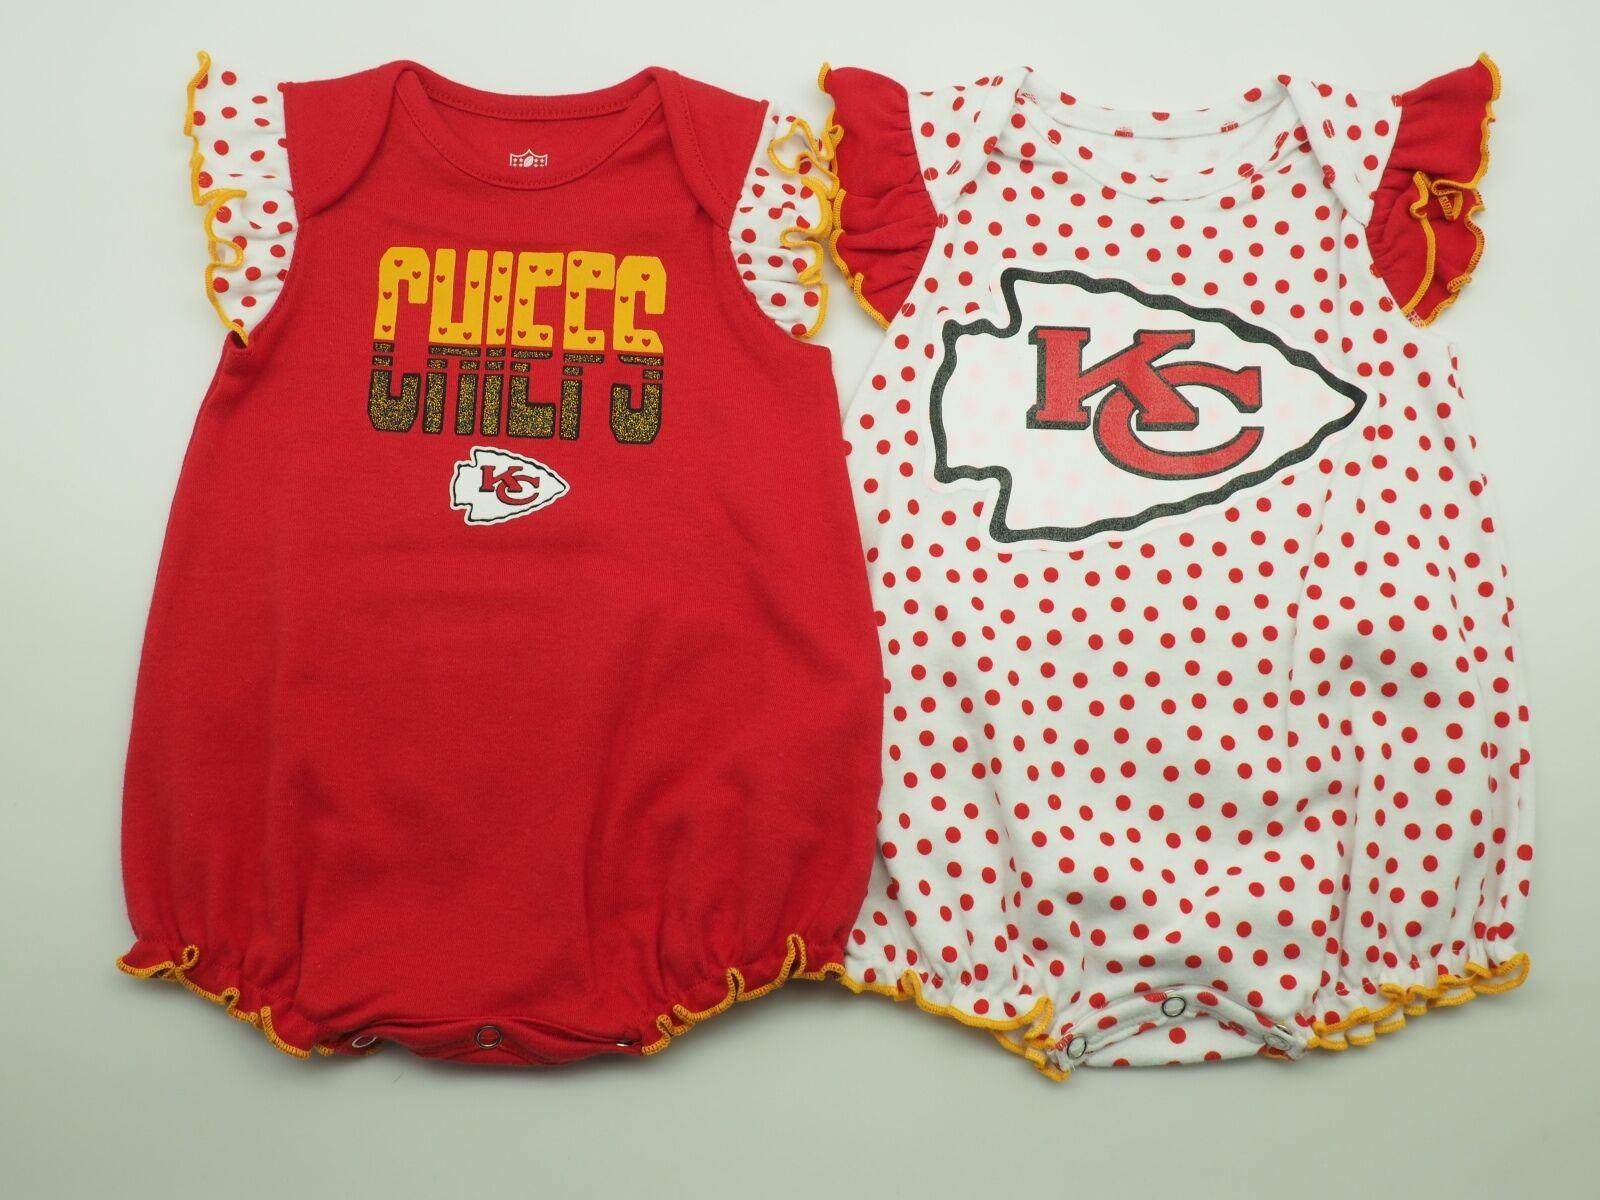 separation shoes 3ac5c e9480 Details about NFL Kansas City Chiefs Merchandise Infant Girls 2 Piece  Creeper Bodysuit NEW